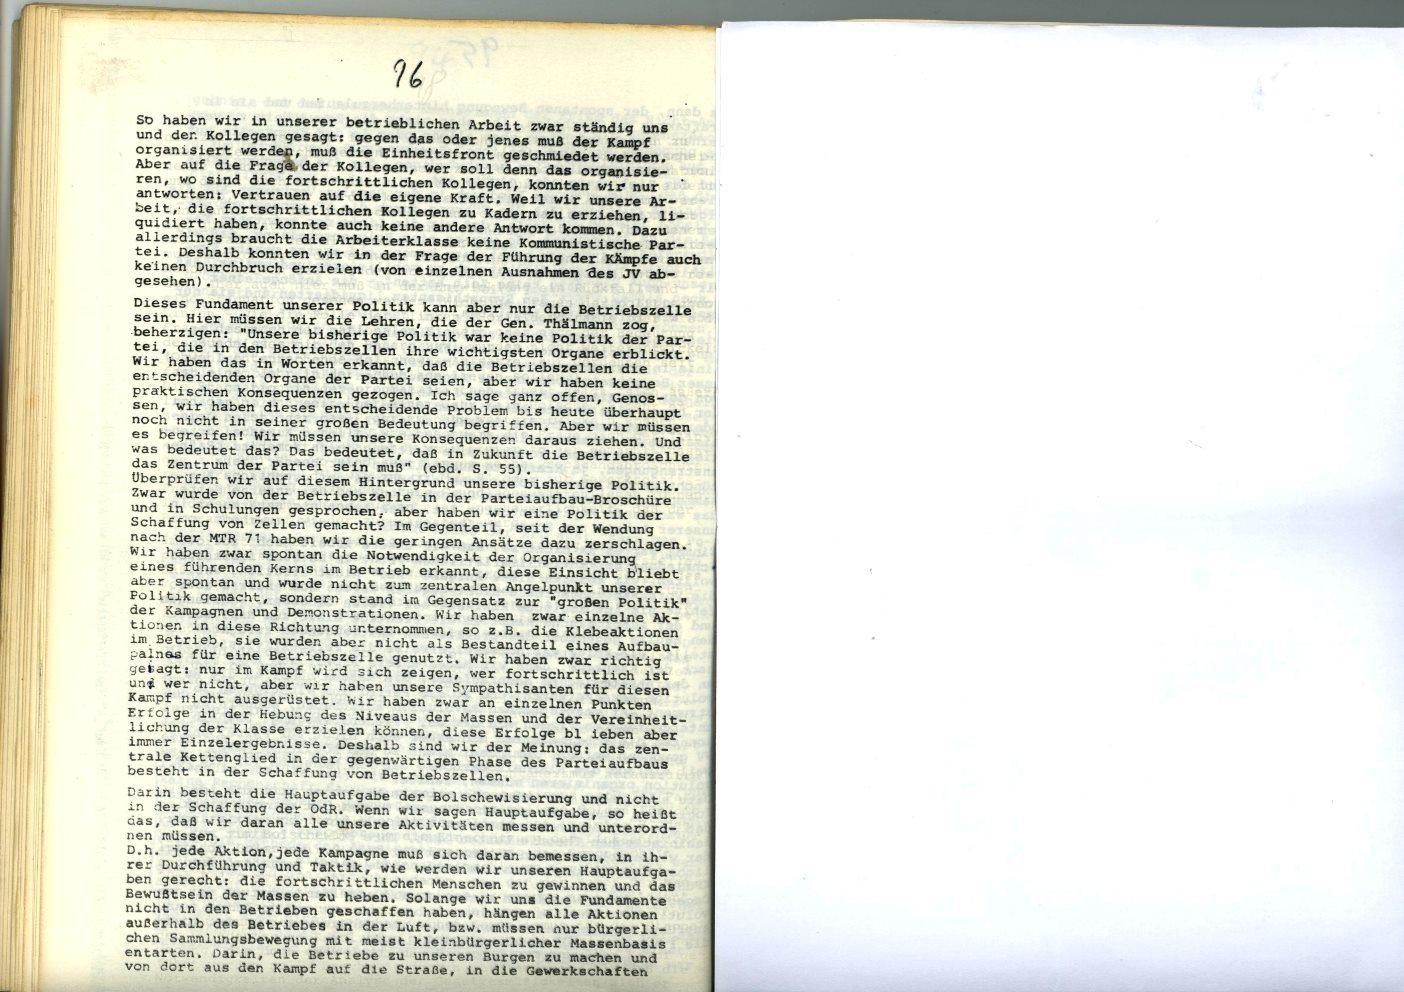 ZB_1972_Diskussionsorgan_zur_ersten_Parteikonferenz_53